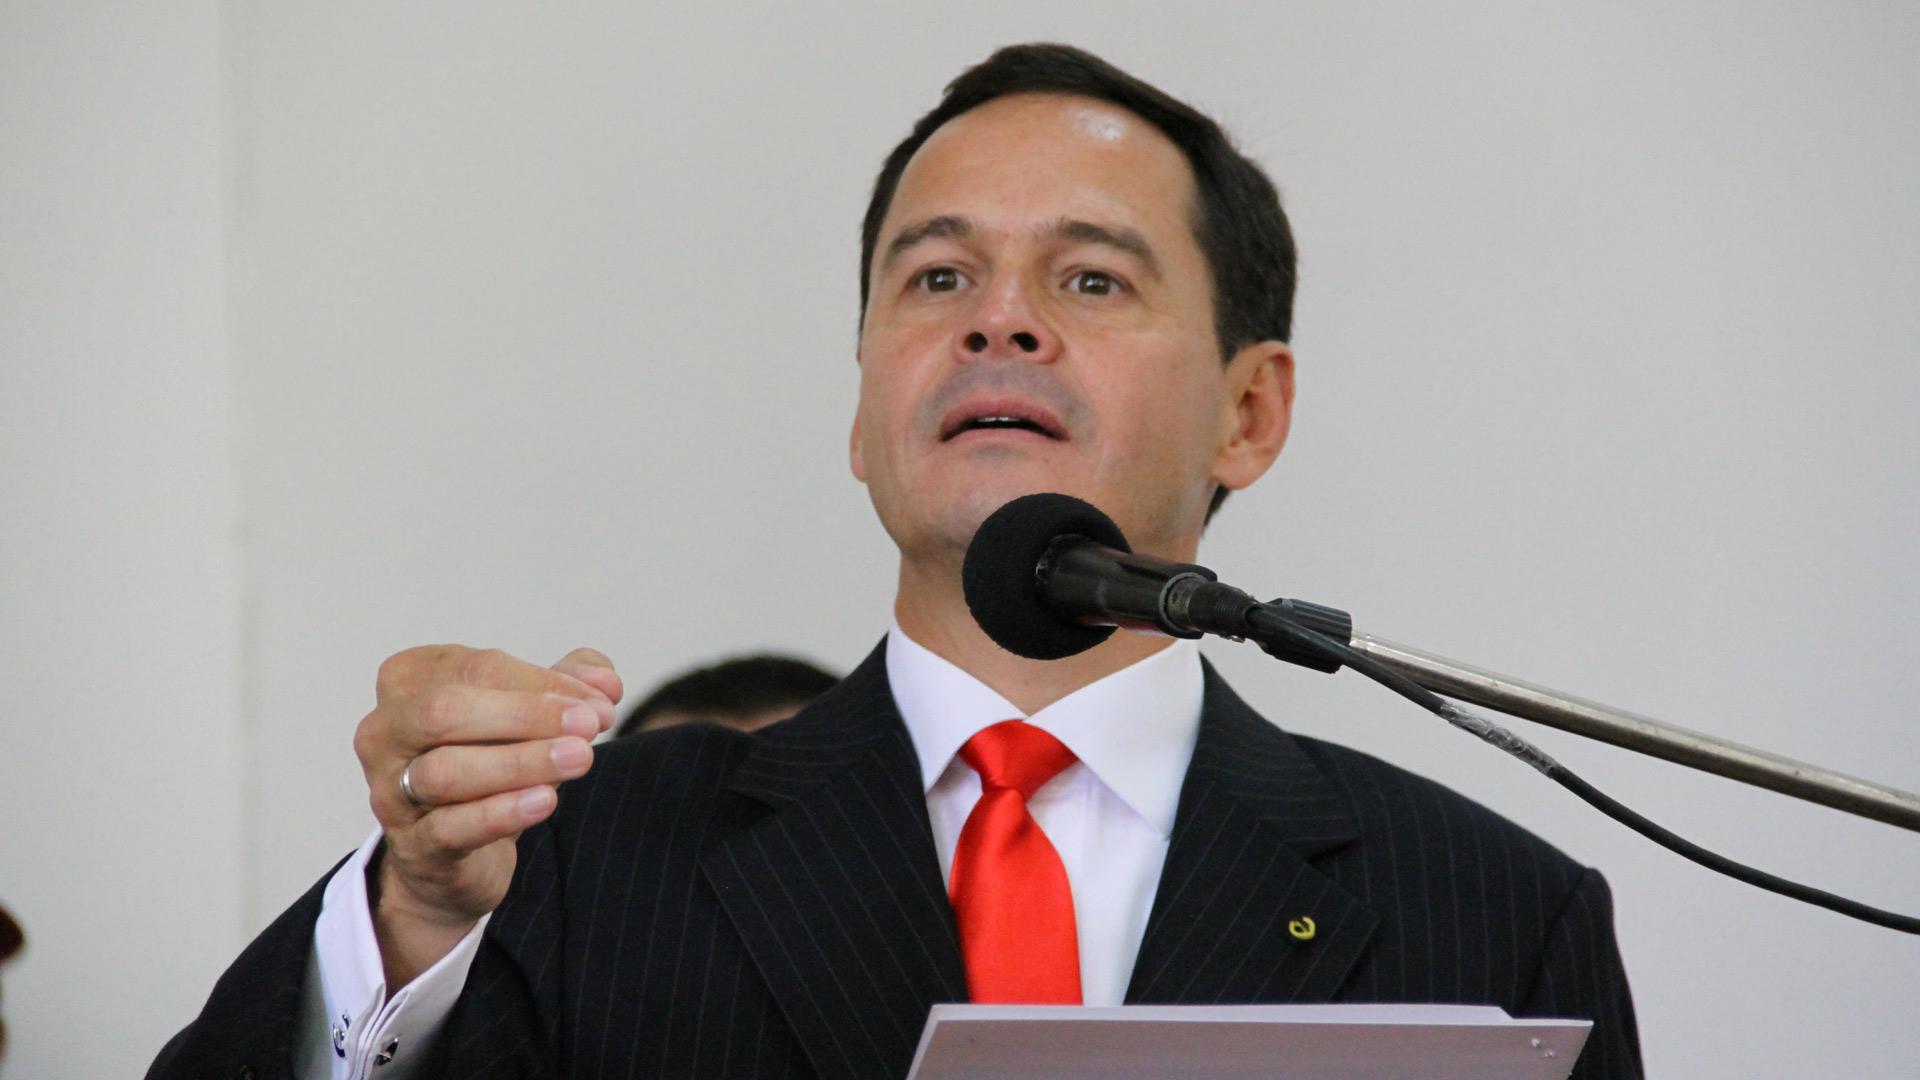 El gobernador del estado Táchira acusa a colombianos de haber asesinado al diputado suplente César Vera